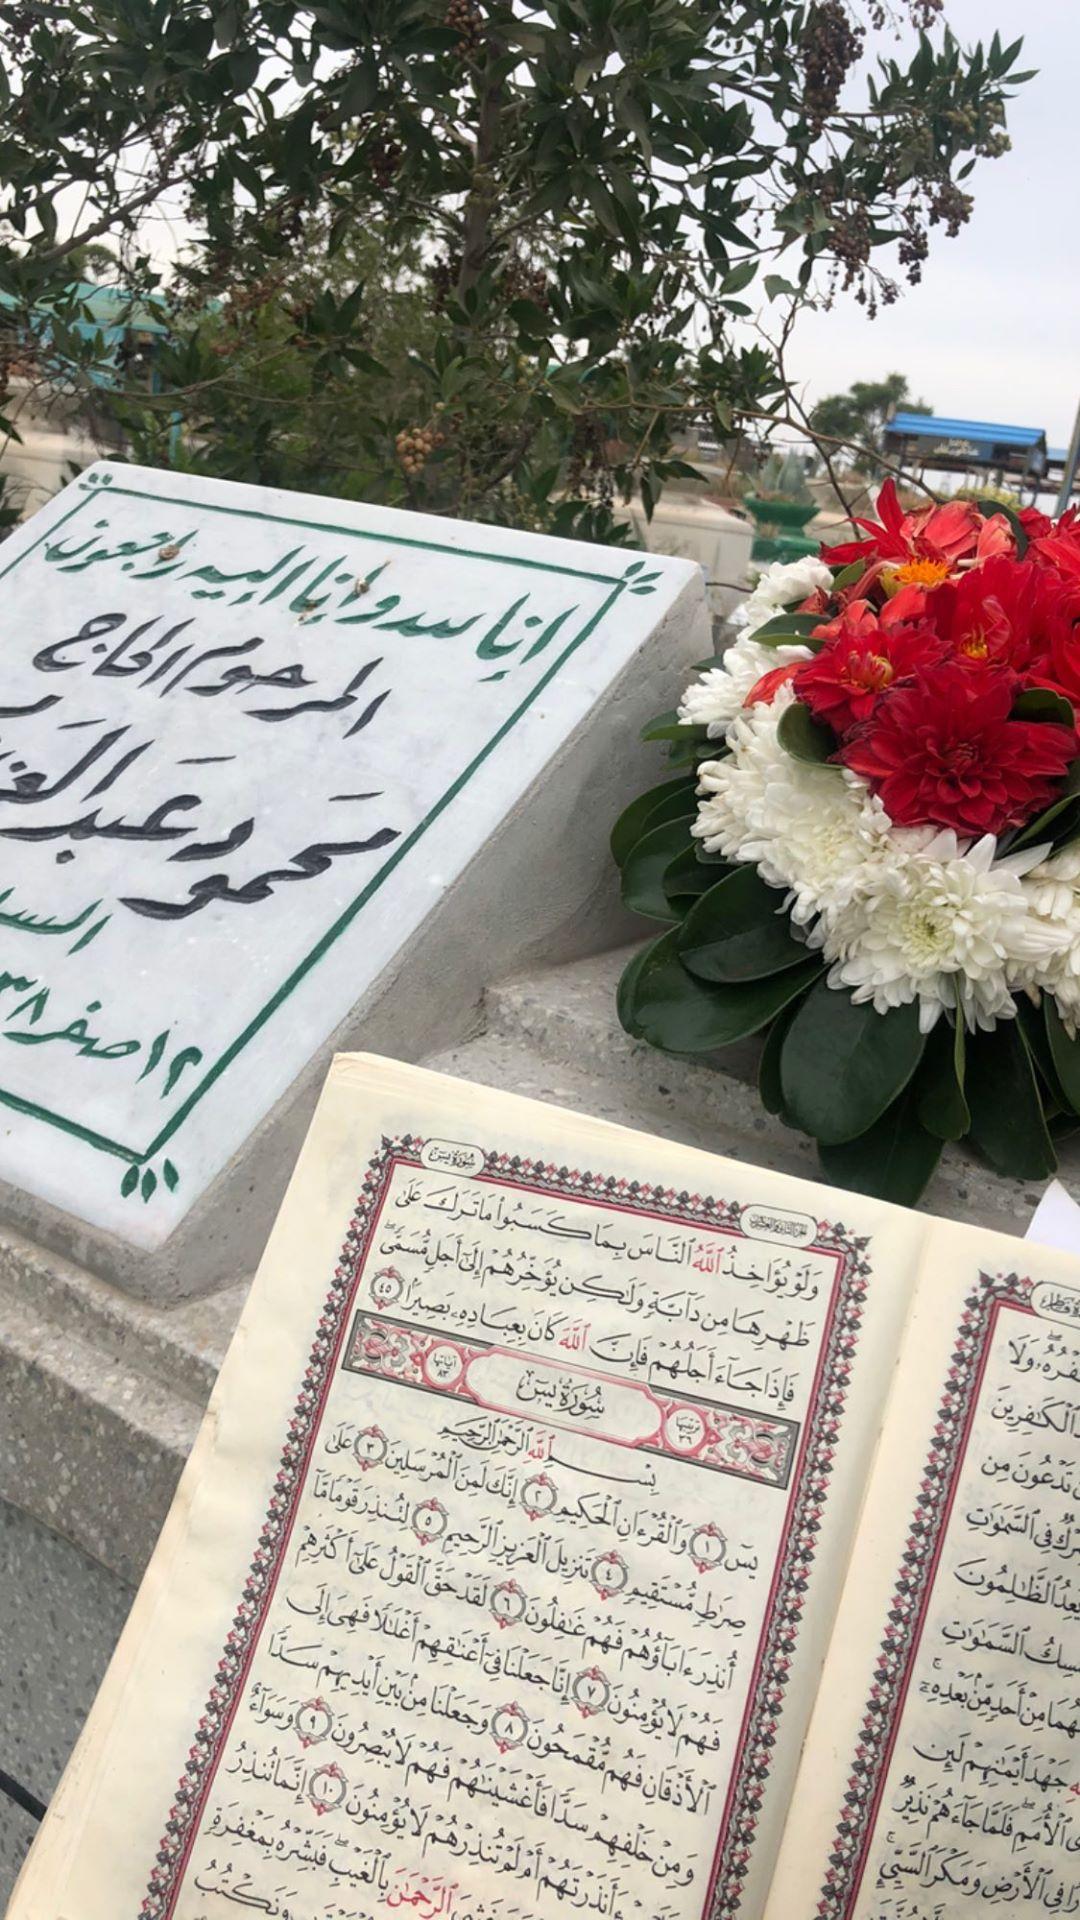 بوسى شلبى تحتفل بالفلانتين أمام قبر زوجها محمود عبد العزيز